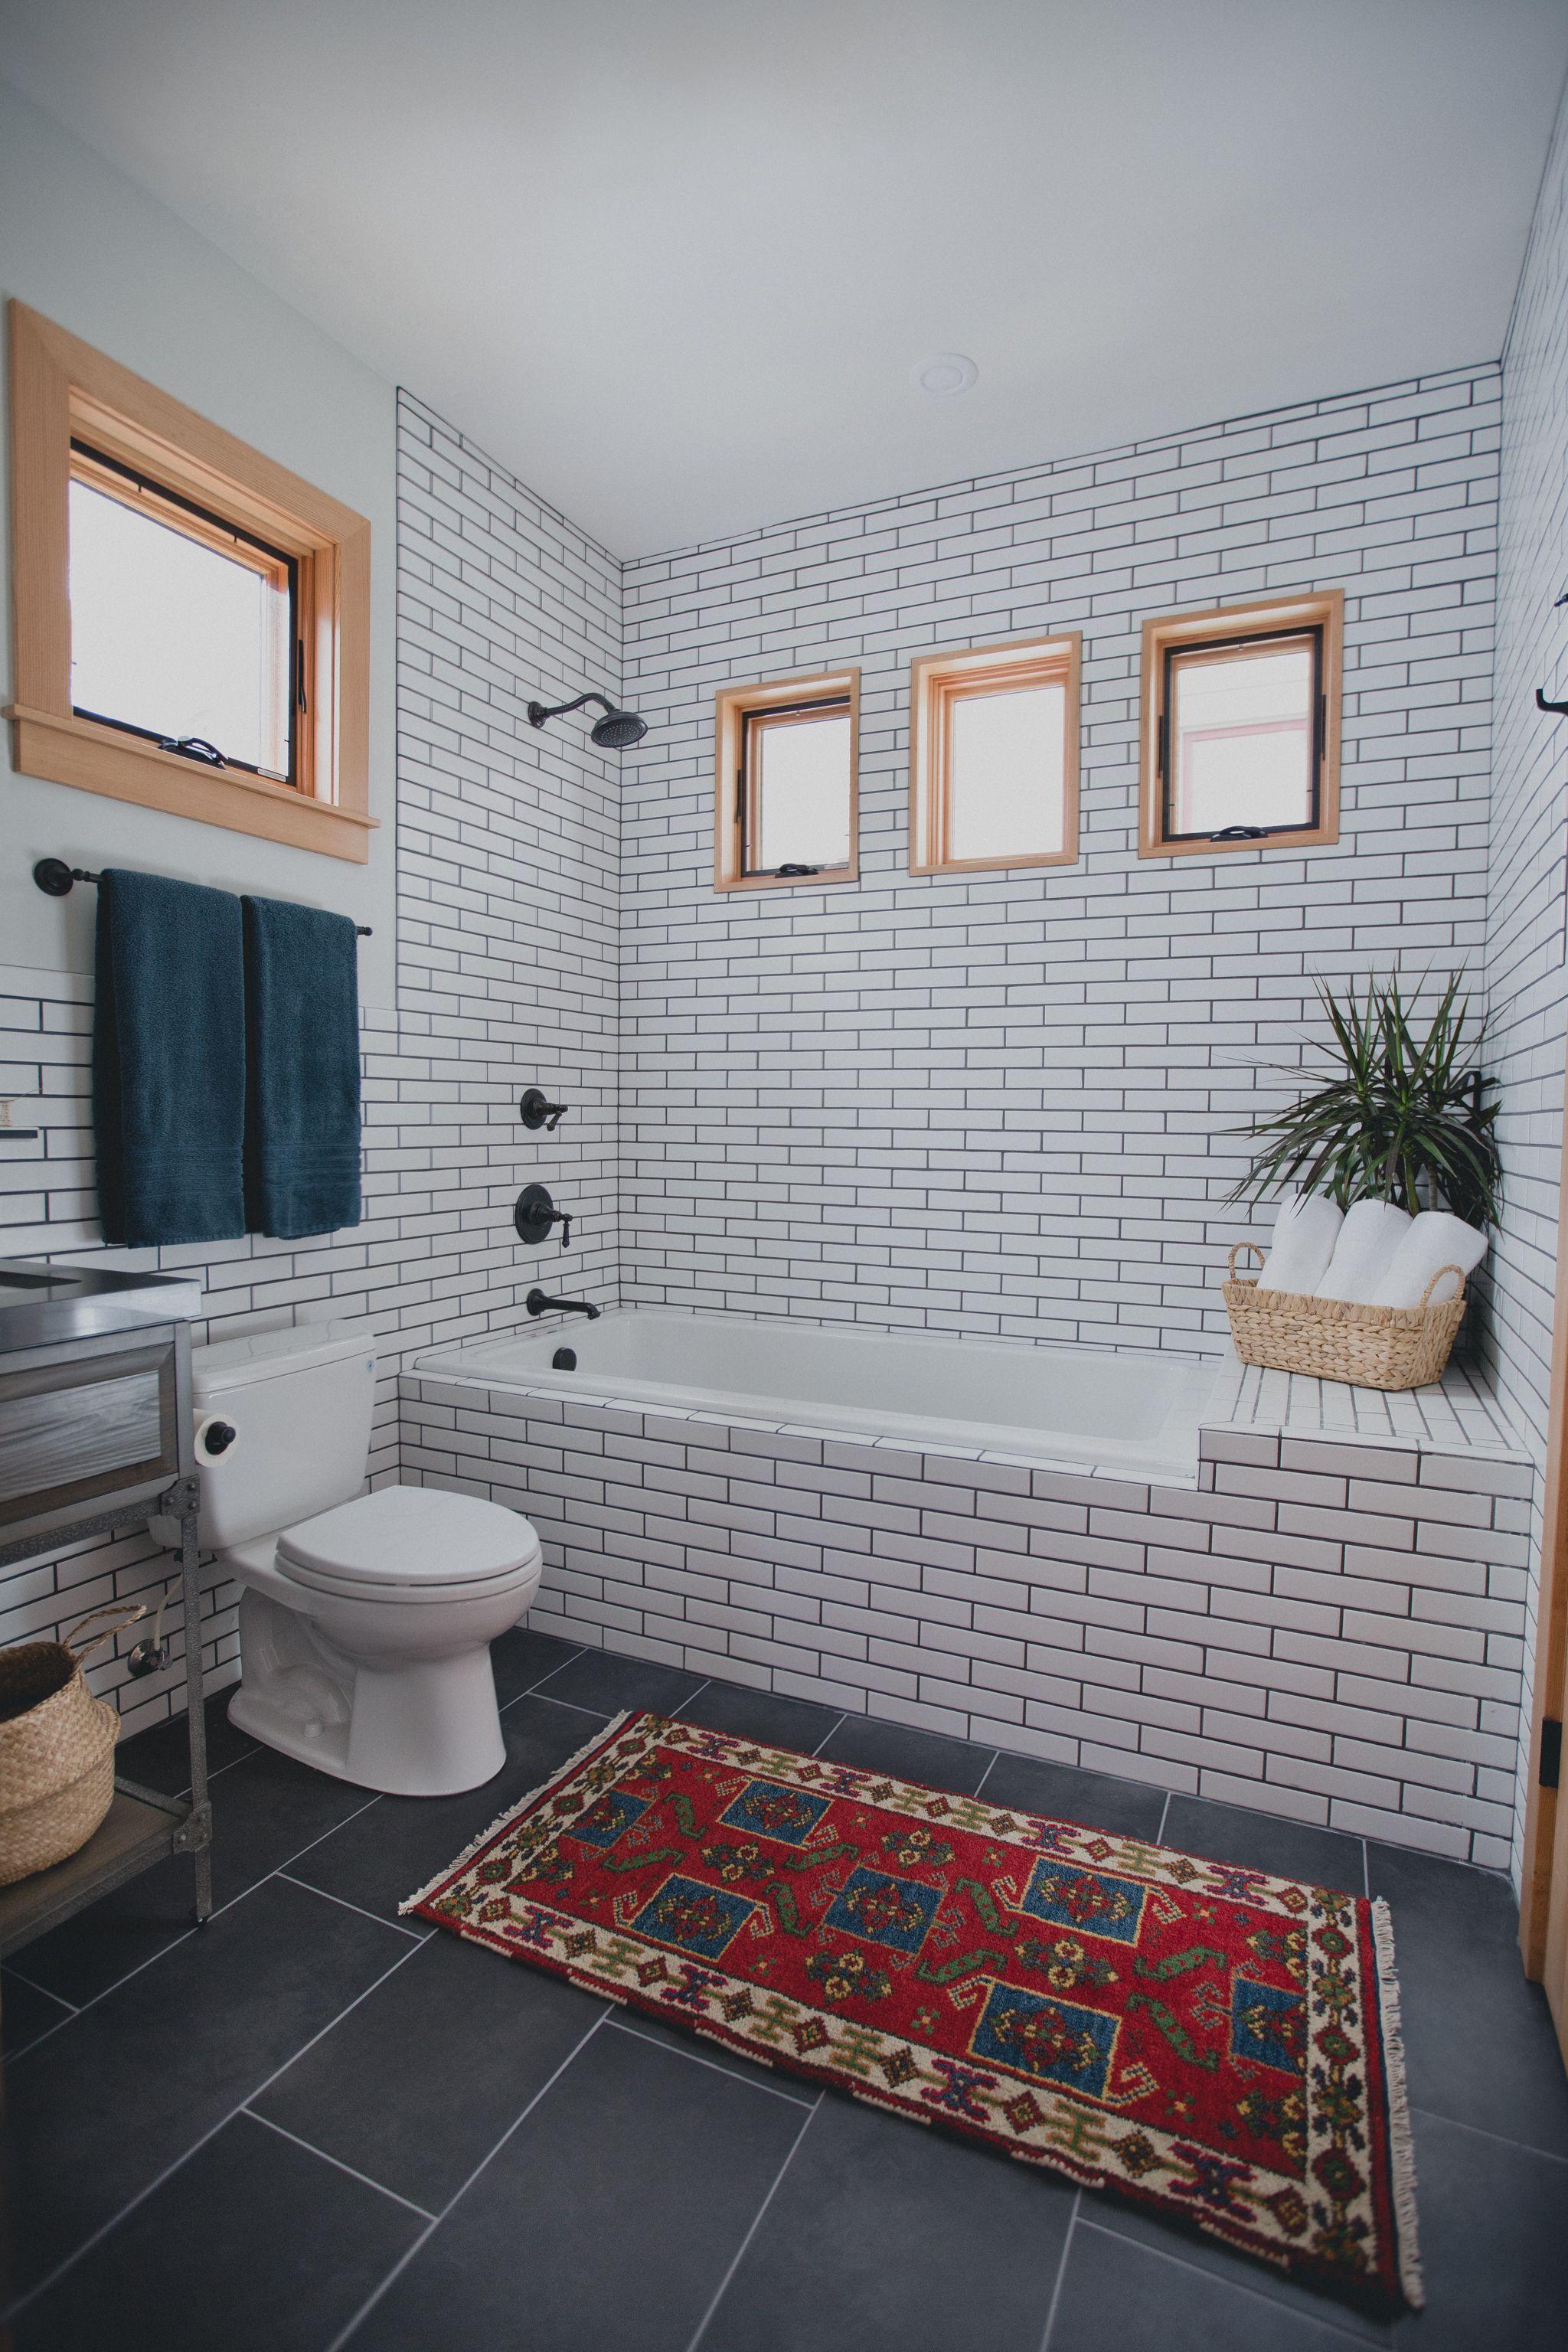 Pental Surfaces Up Tile In Black Http Www Pentalonline Com Blog